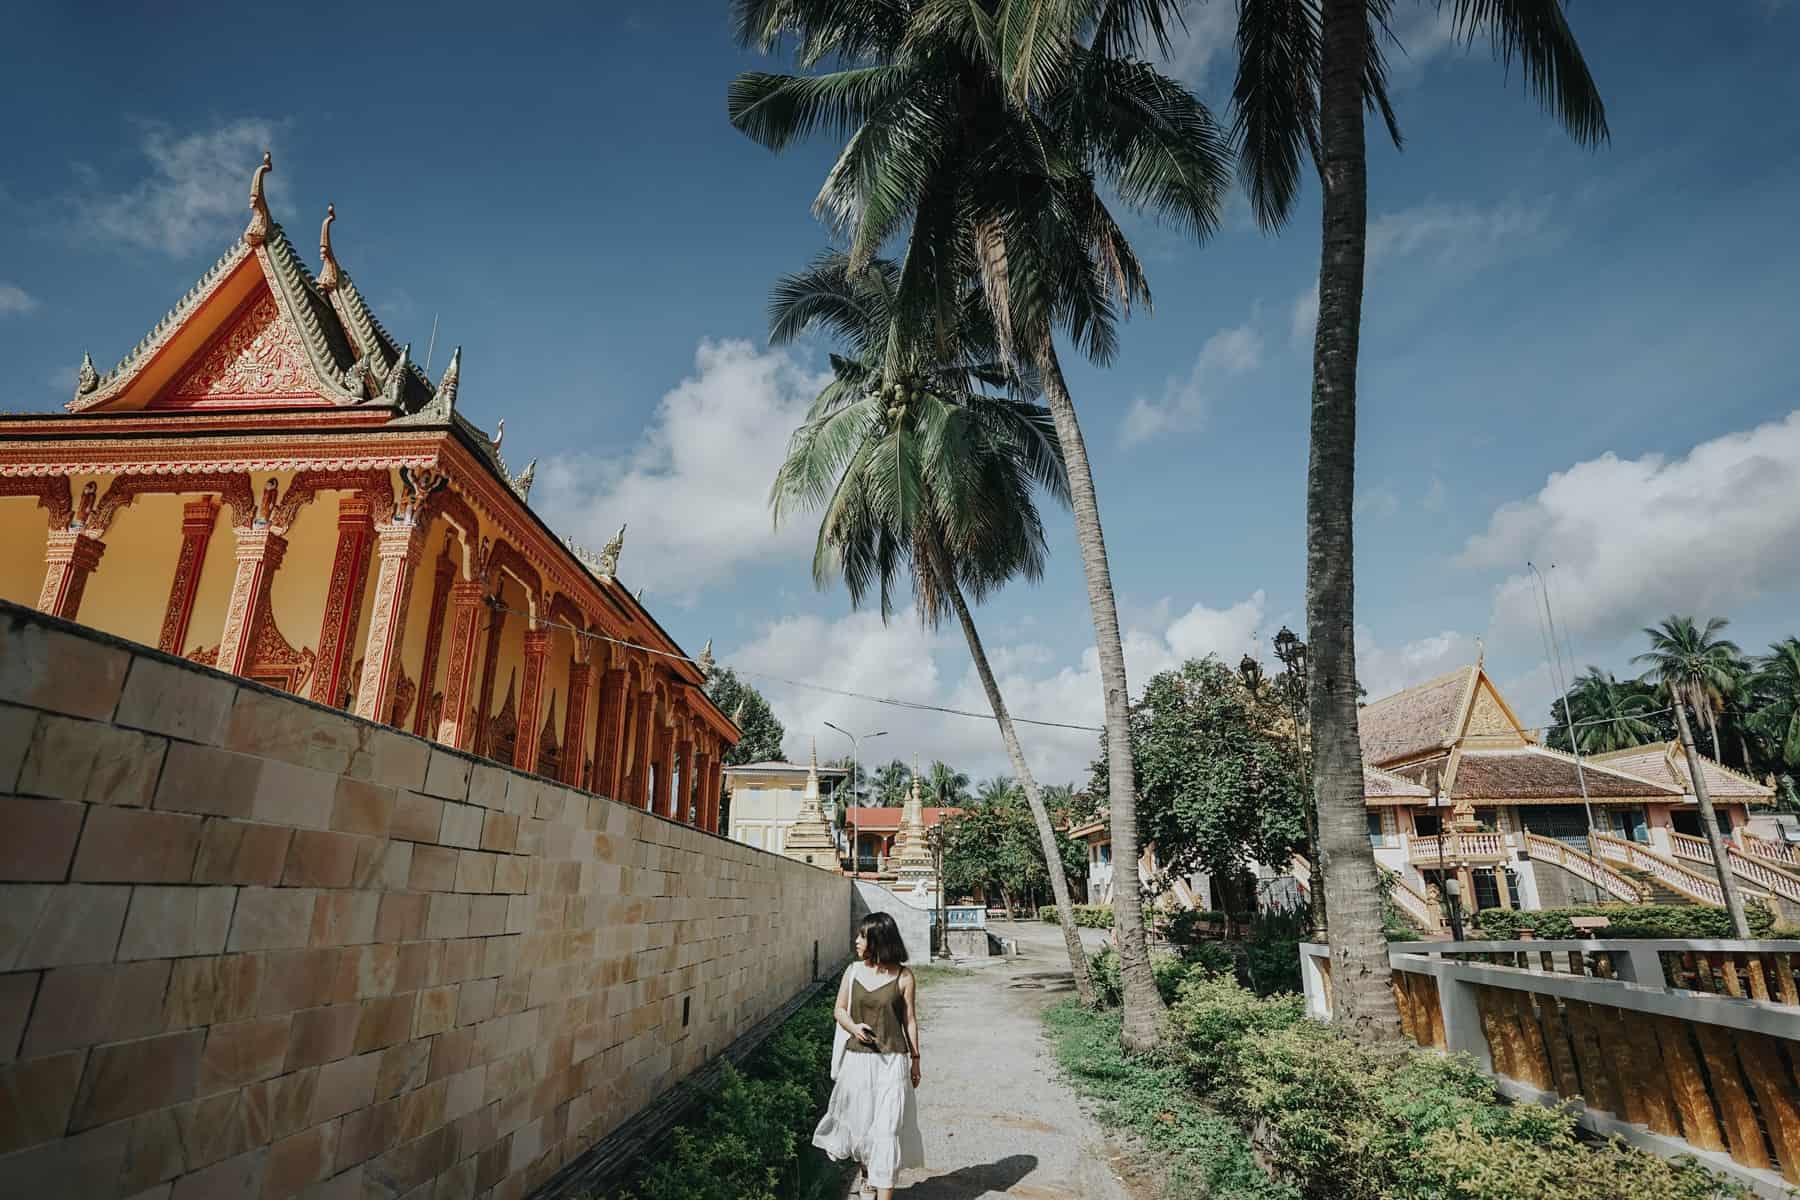 Khuôn viên chùa rộng rãi, khắp nơi là hàng dừa và cây cổ thụ. Hình: Hoàng Linh Hà